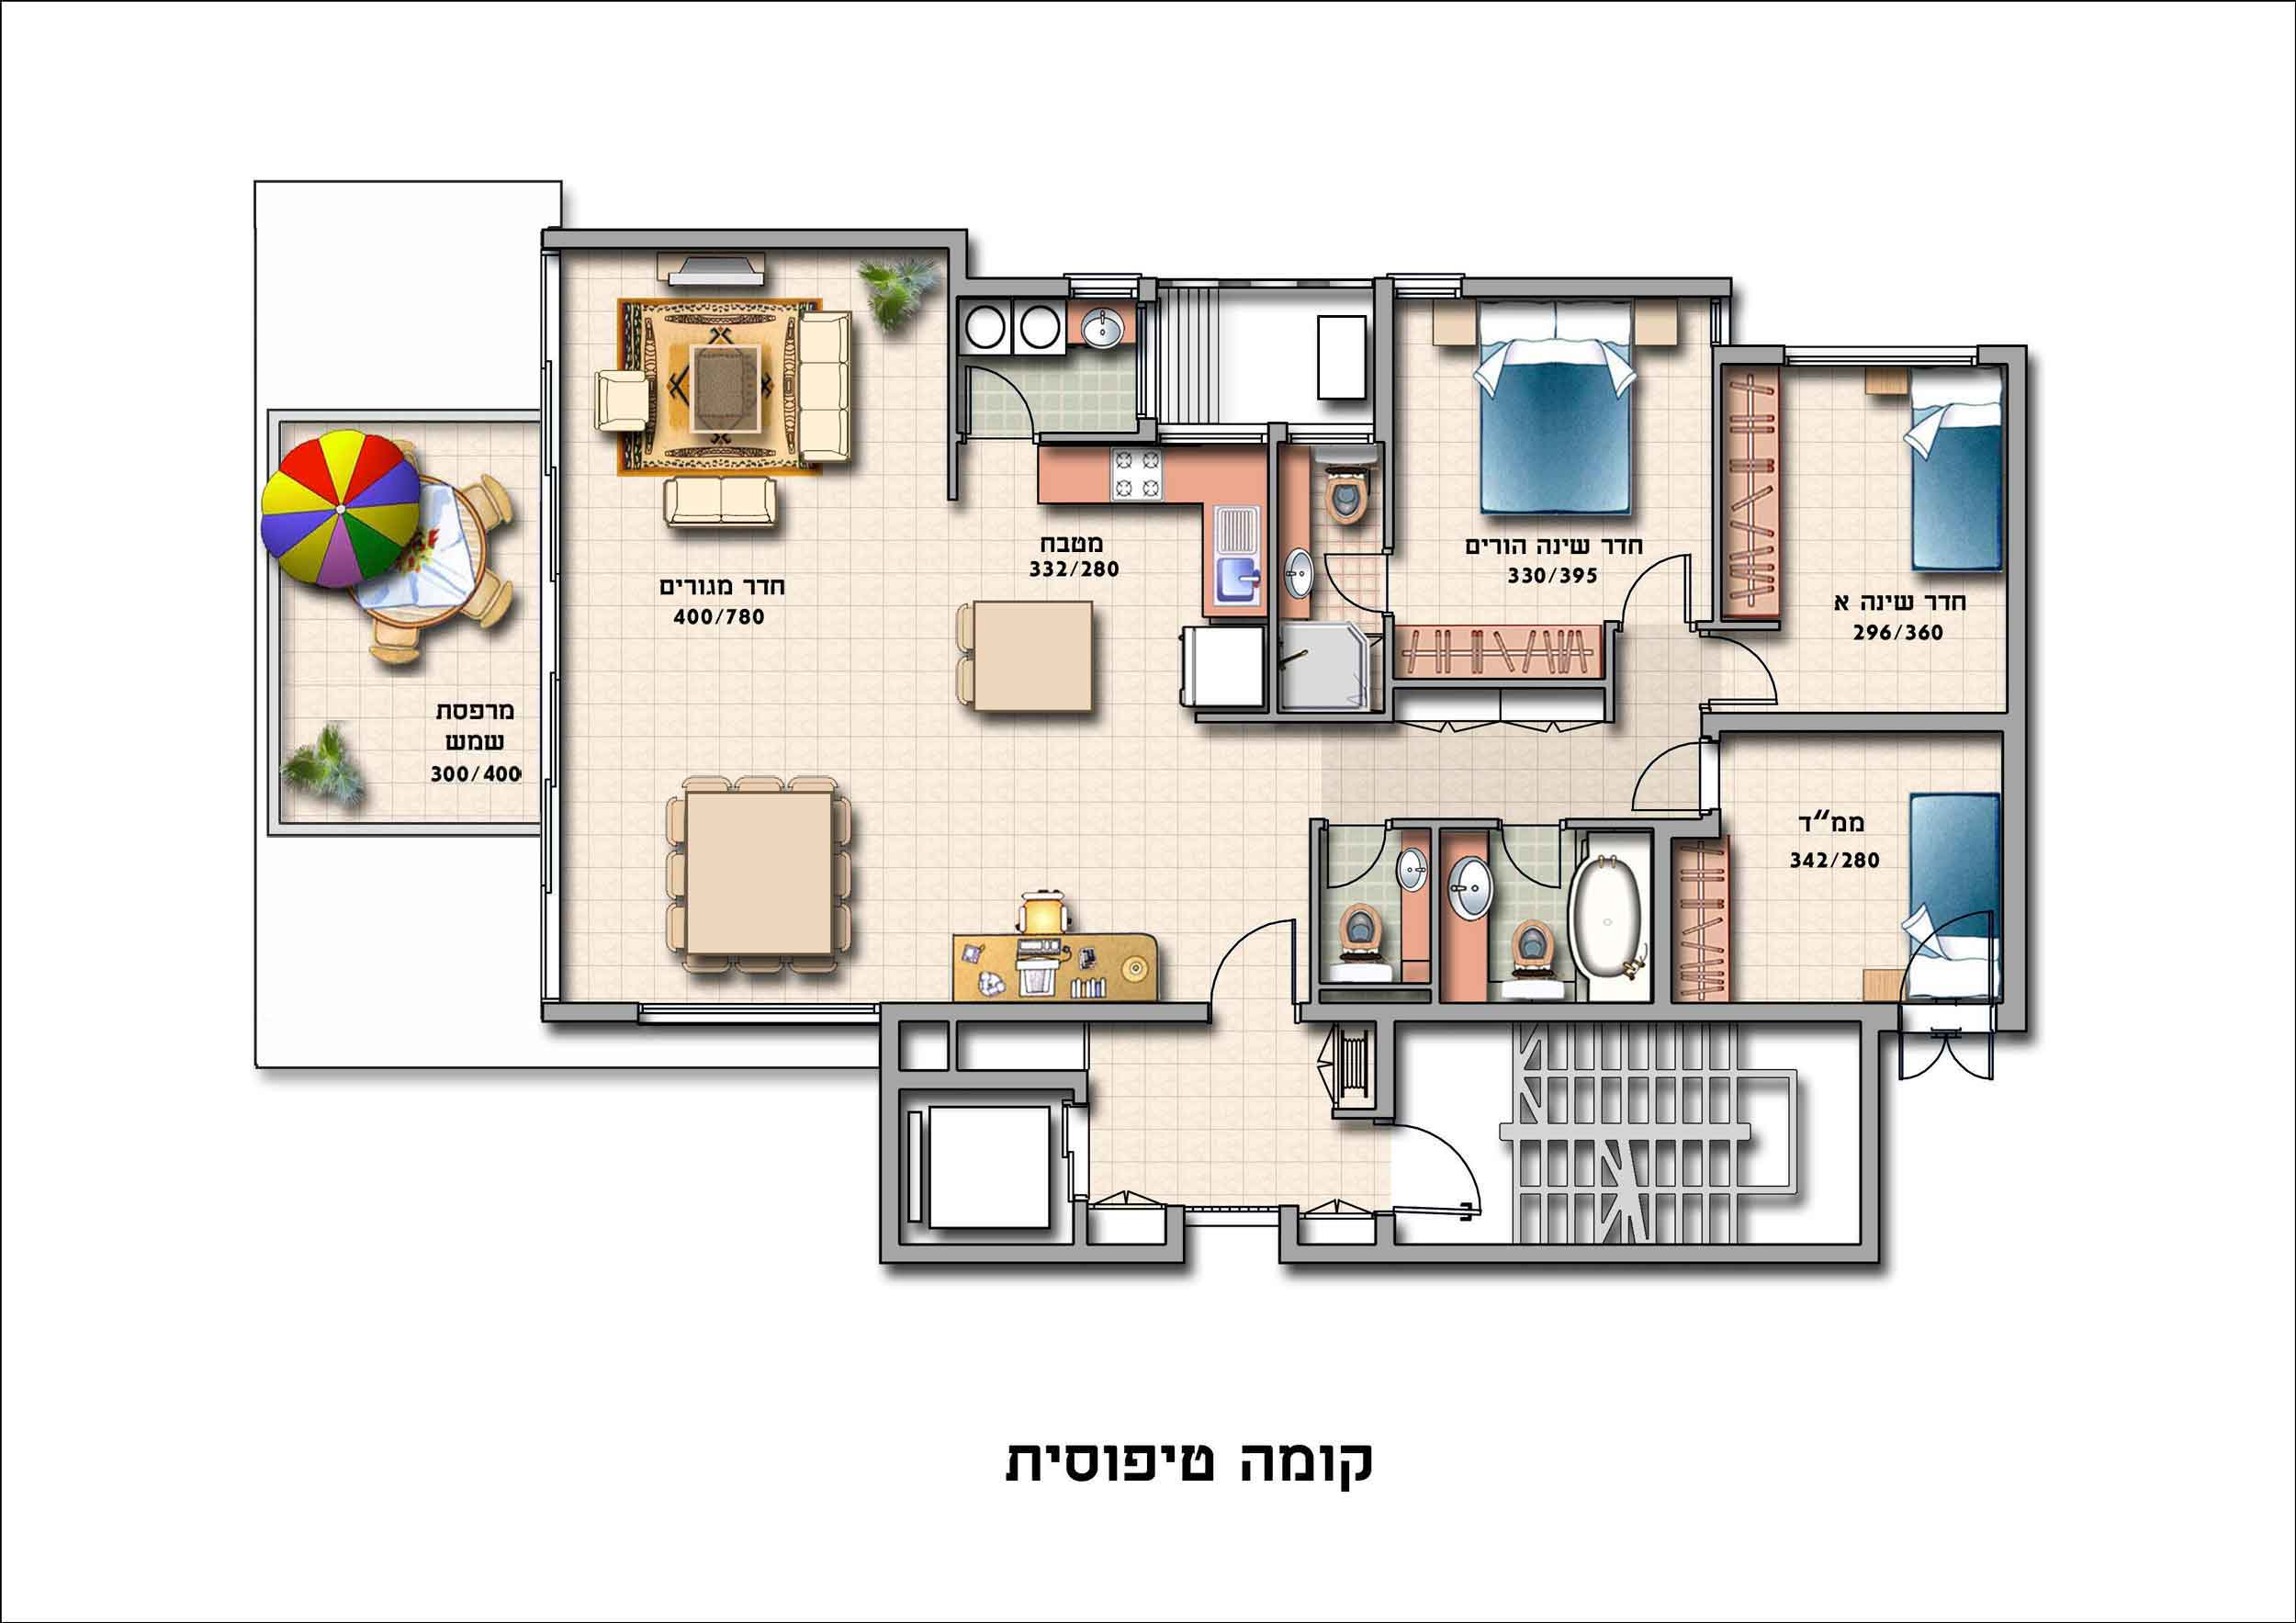 תוכנית קומה טיפוסית